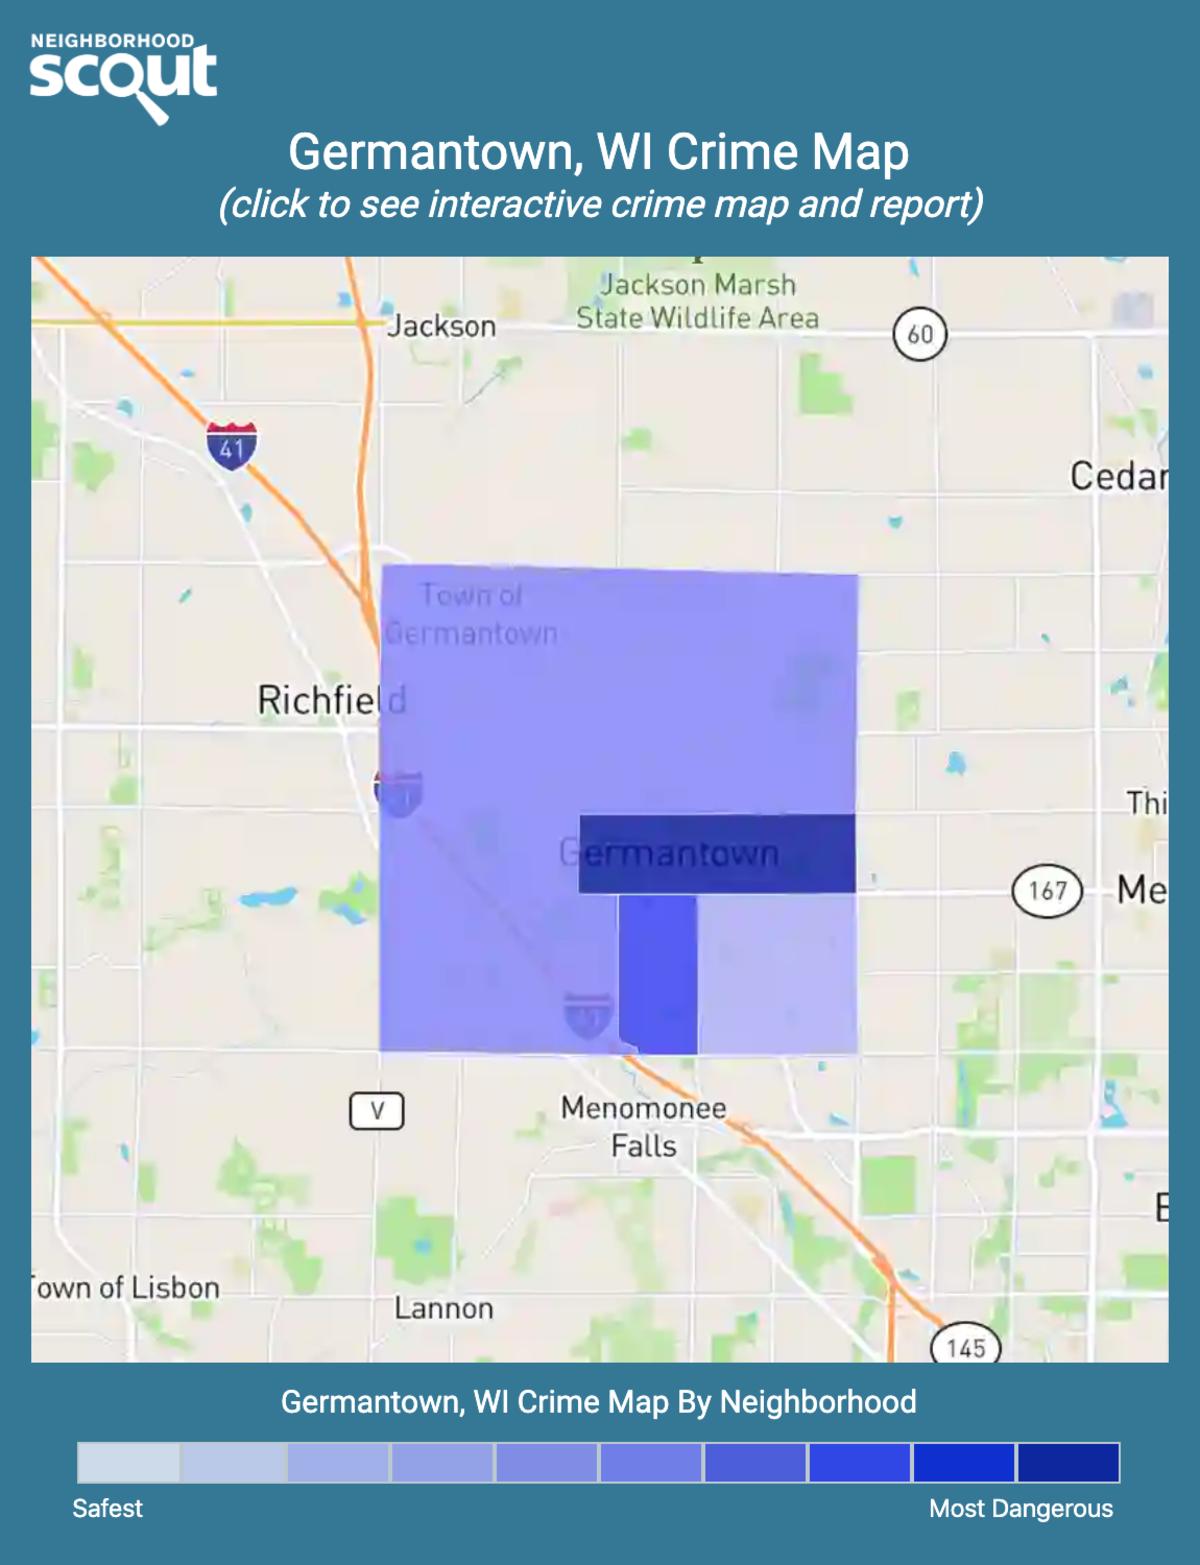 Germantown, Wisconsin crime map